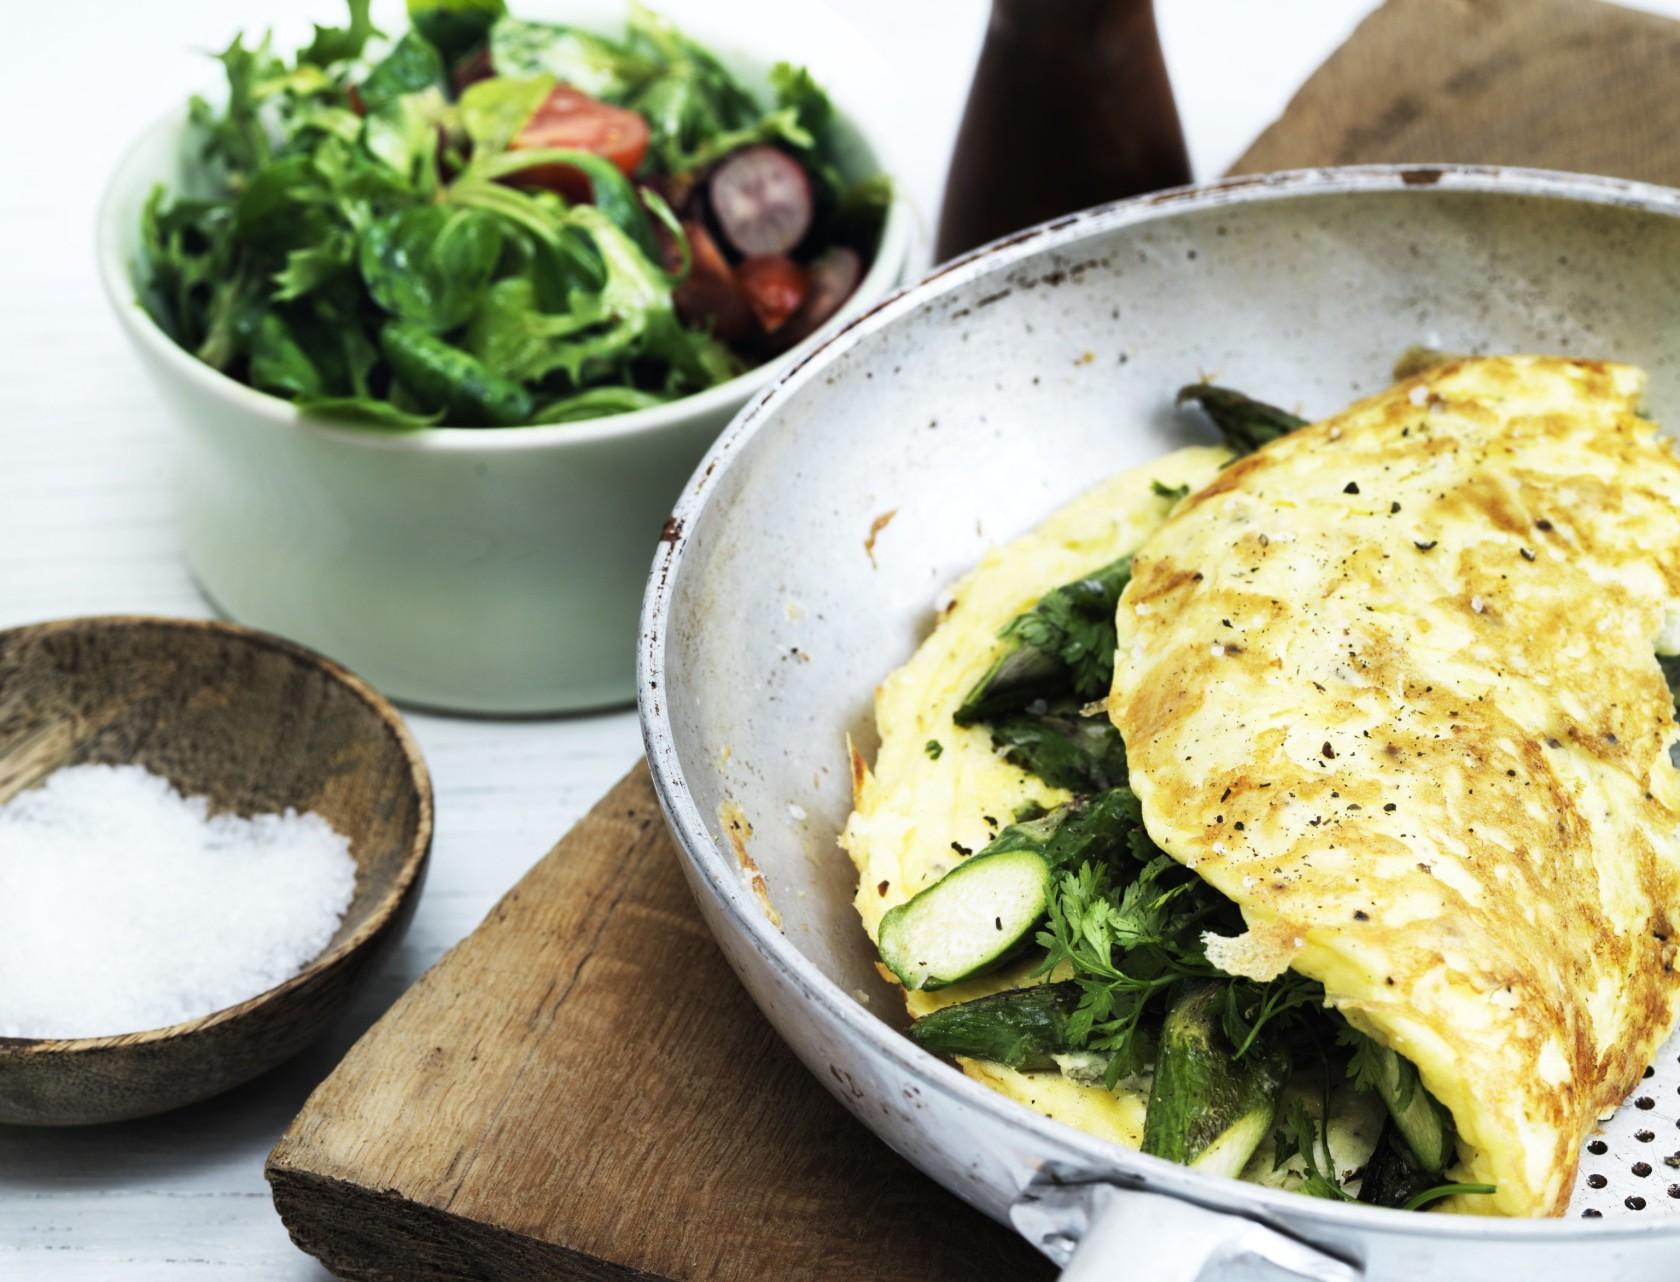 Omelet med asparges og salat - perfekt til både morgenmad, frokost og aftensmad!